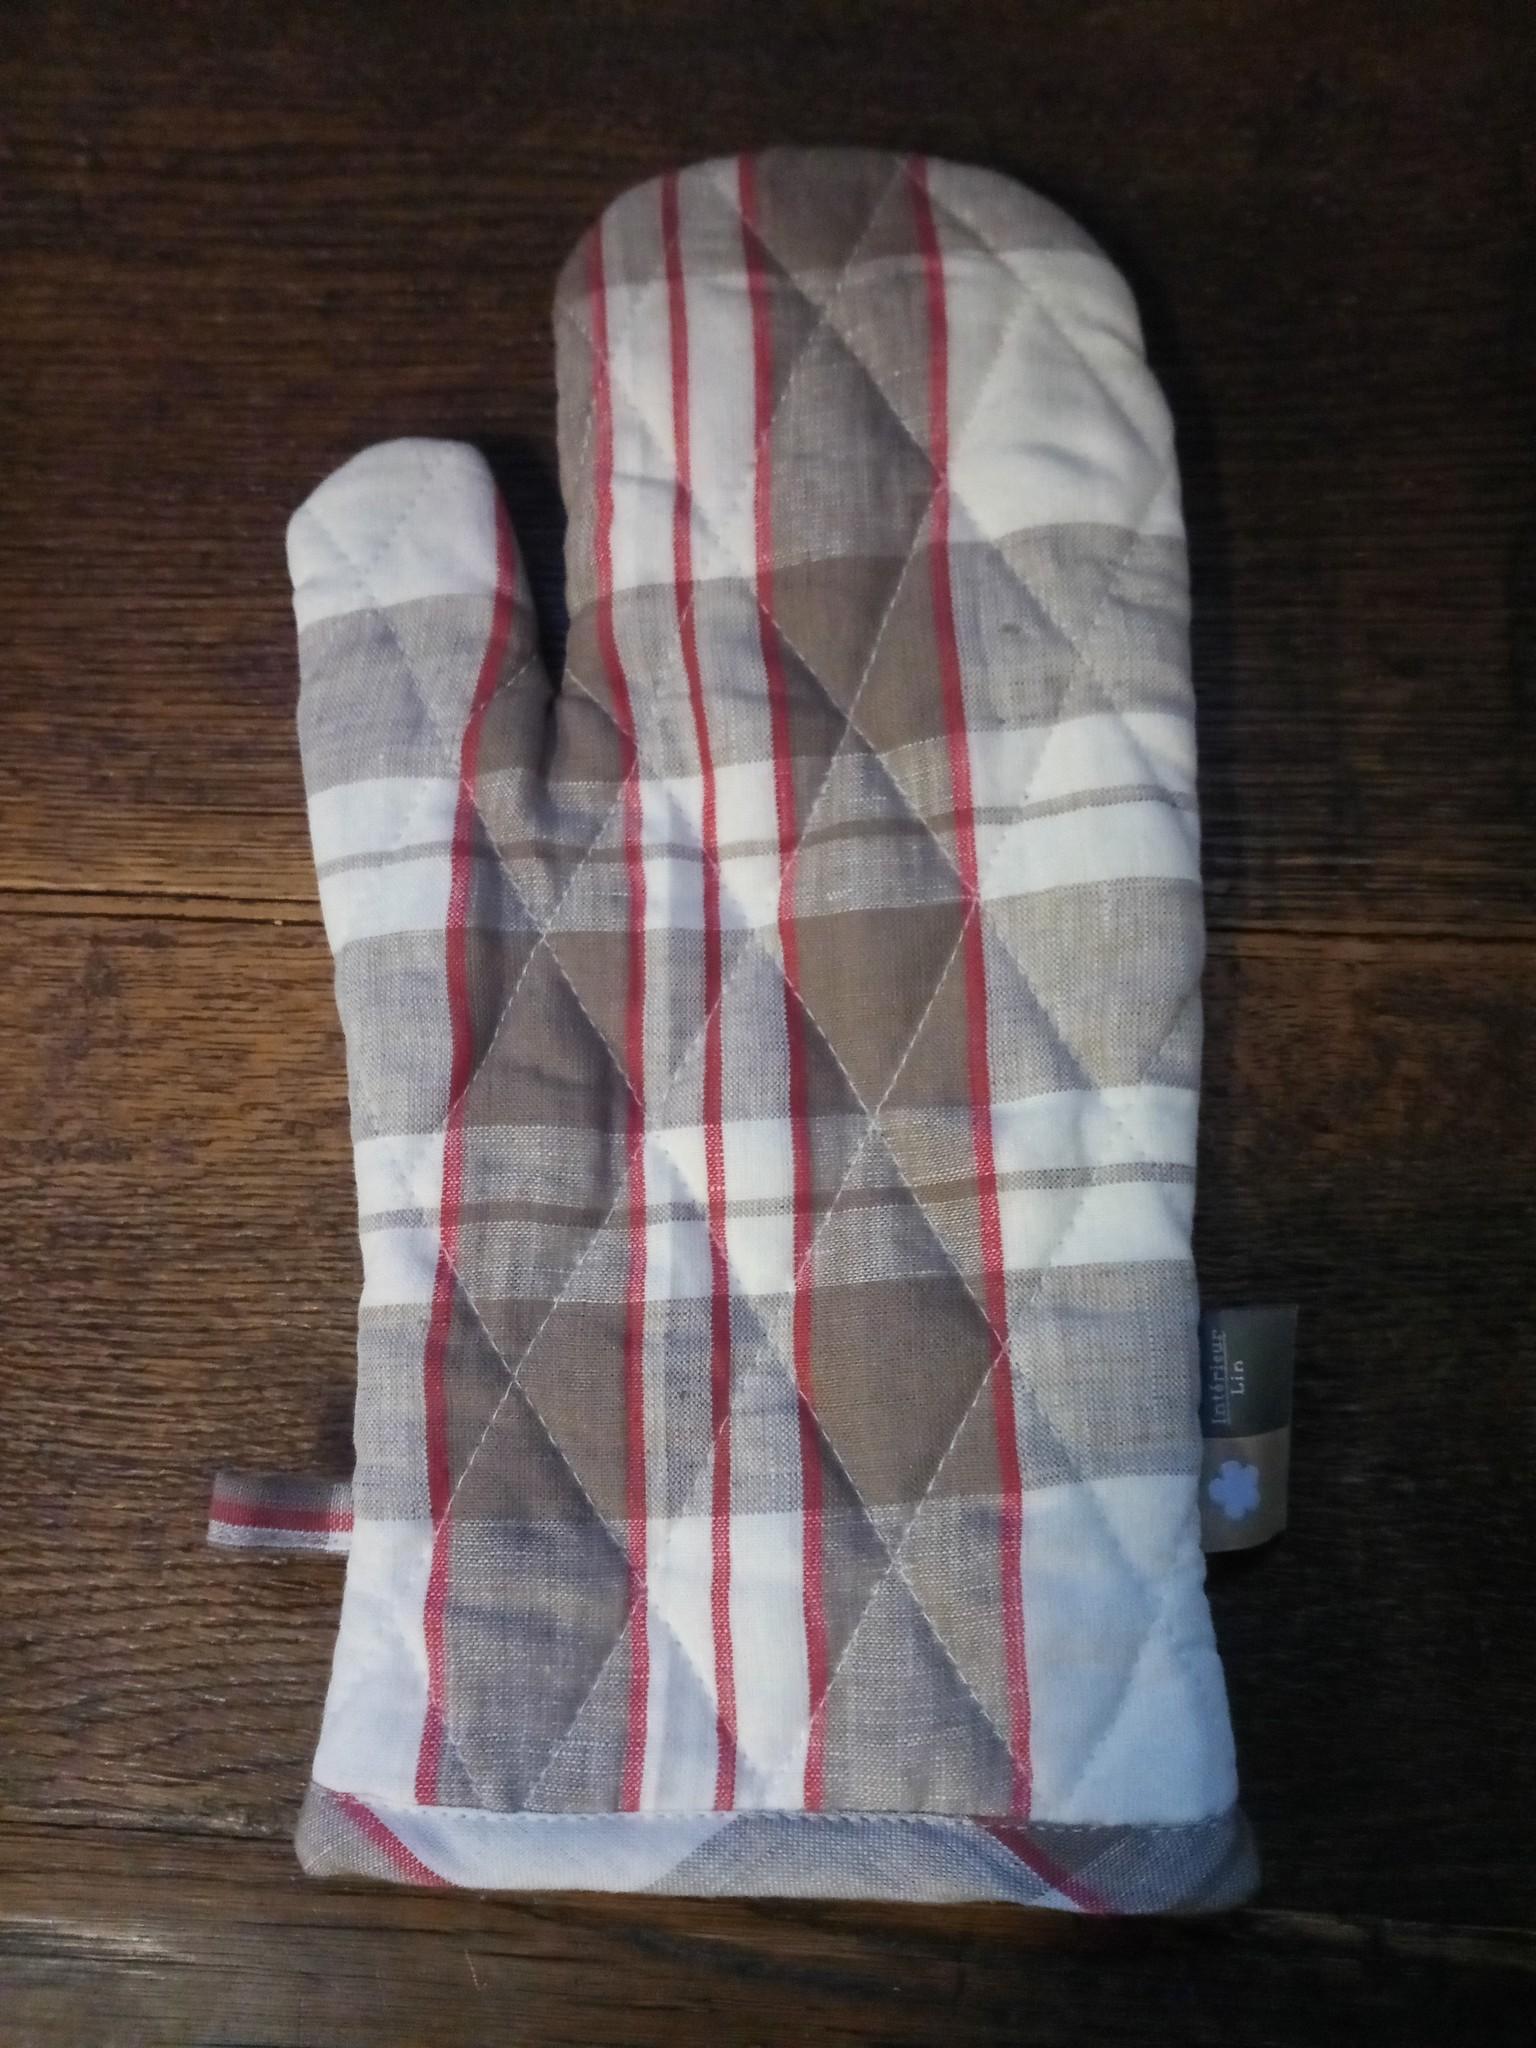 Kitchen glove